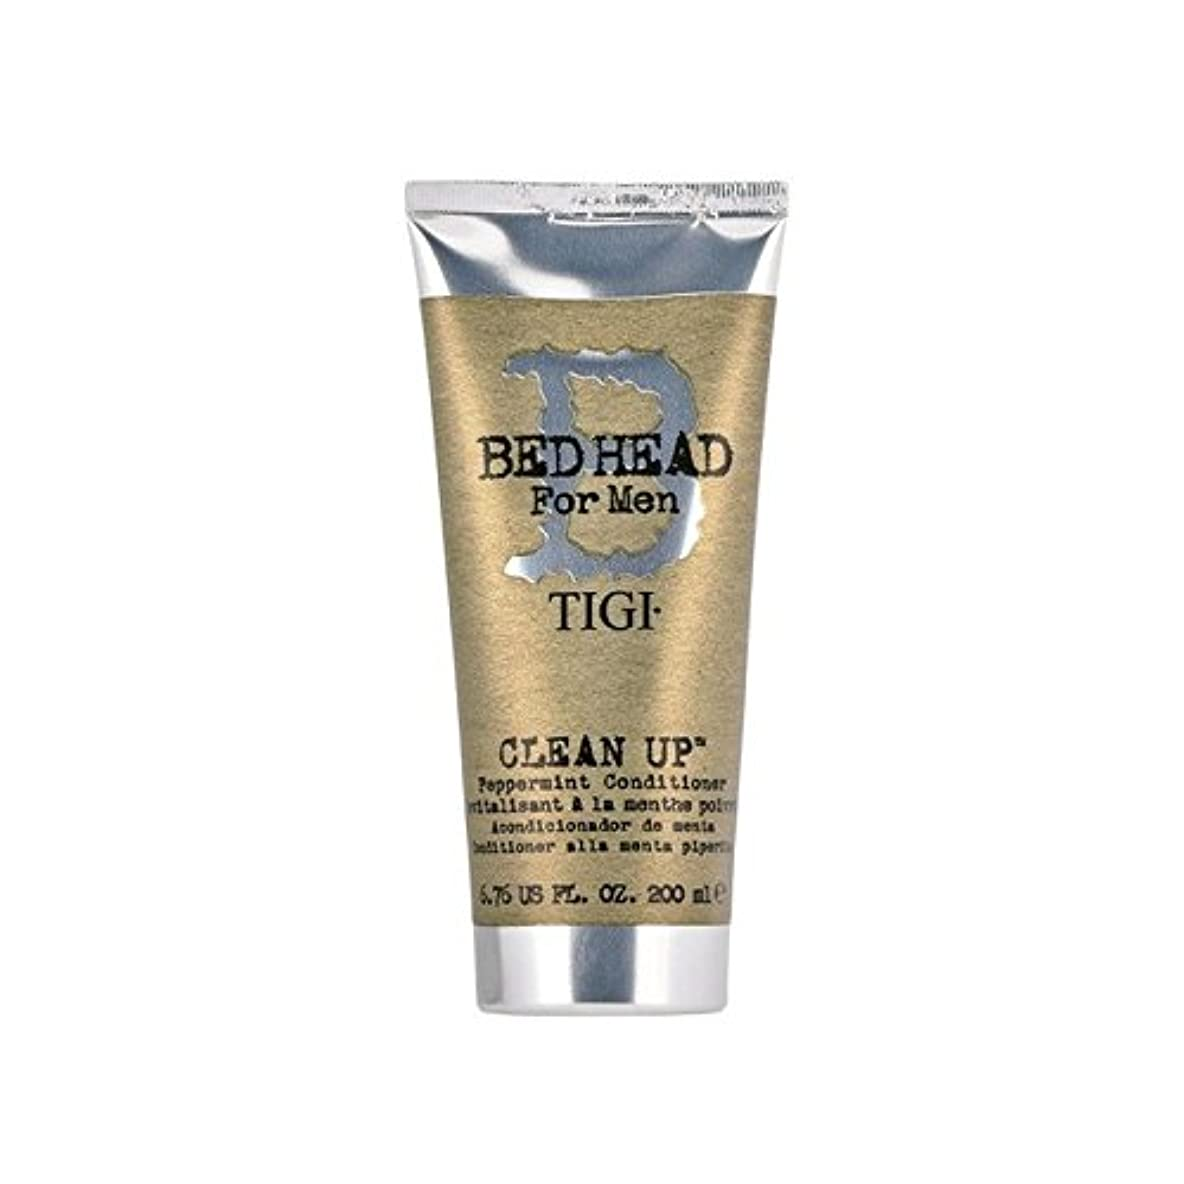 司教作動する振り子Tigi Bed Head For Men Clean Up Peppermint Conditioner (200ml) (Pack of 6) - ペパーミントコンディショナーをクリーンアップする男性のためのティジーベッドヘッド(200ミリリットル) x6 [並行輸入品]